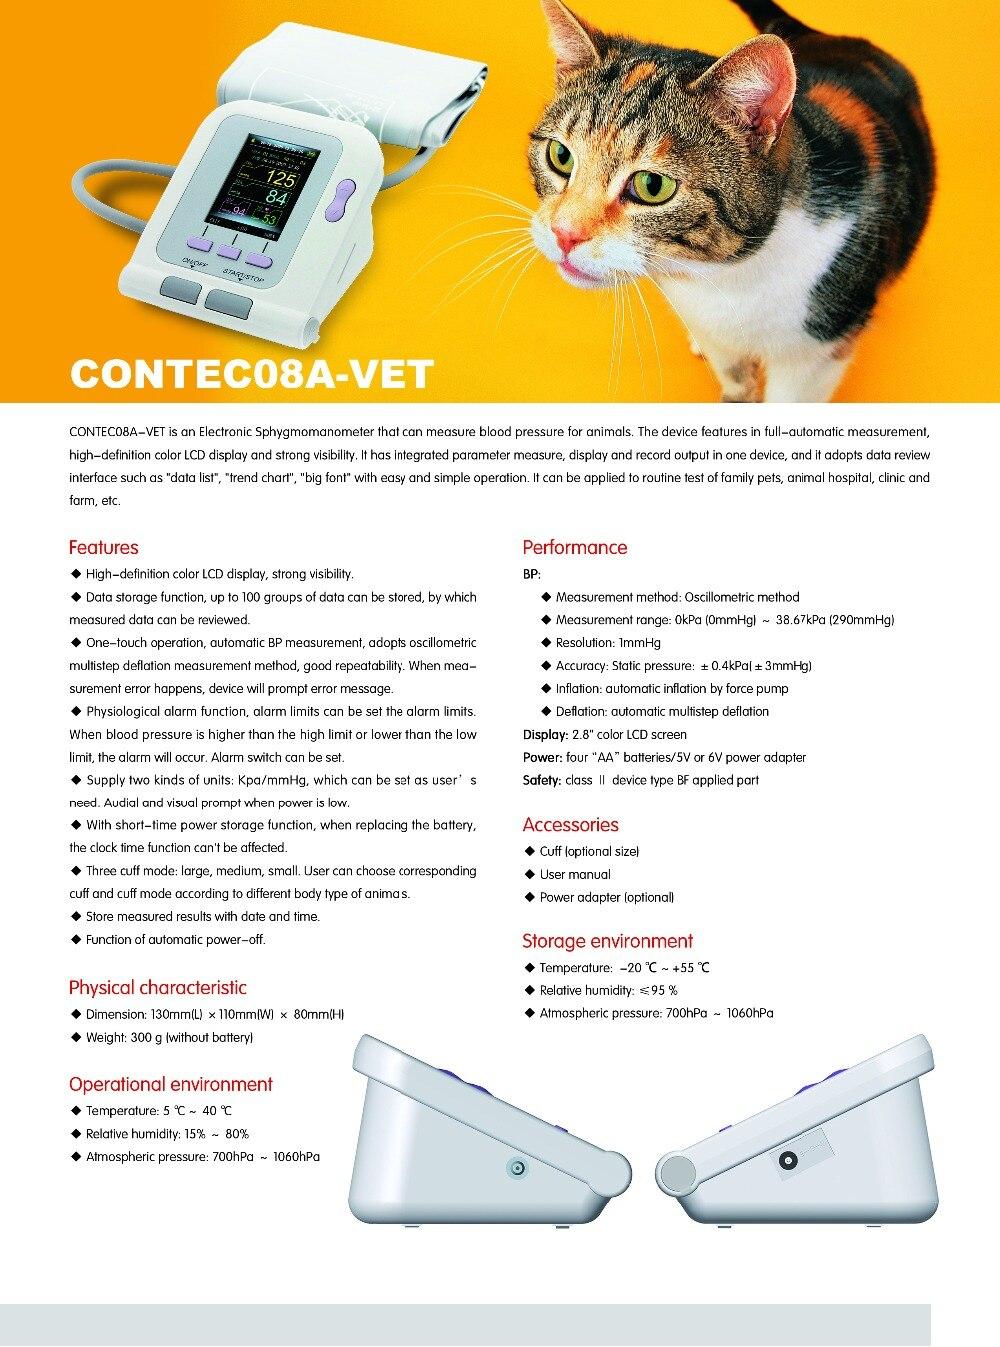 CONTEC08A-VET